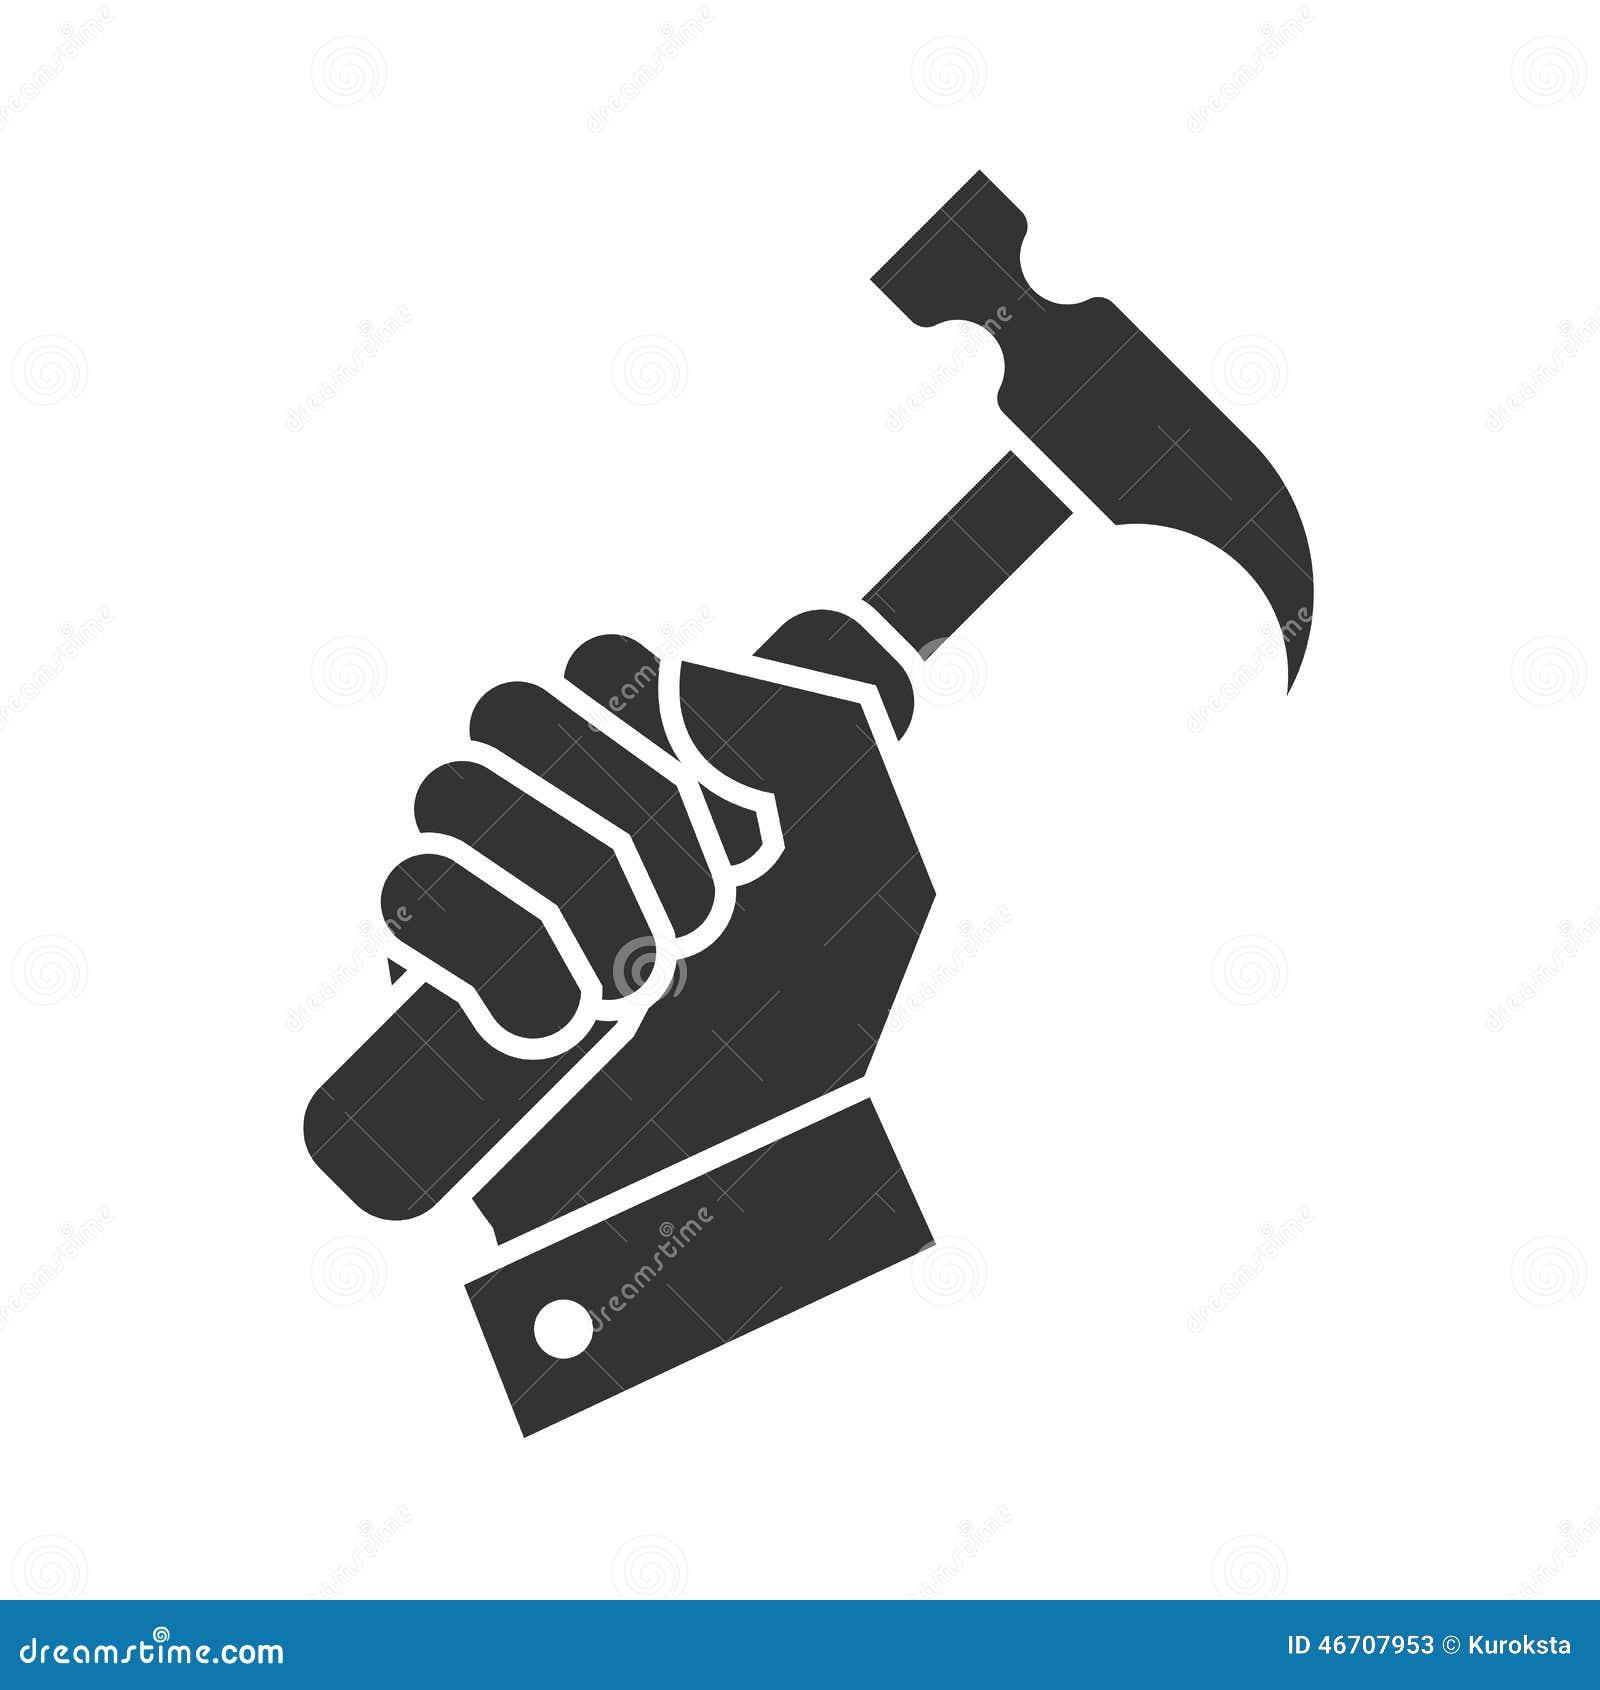 Icone marteau